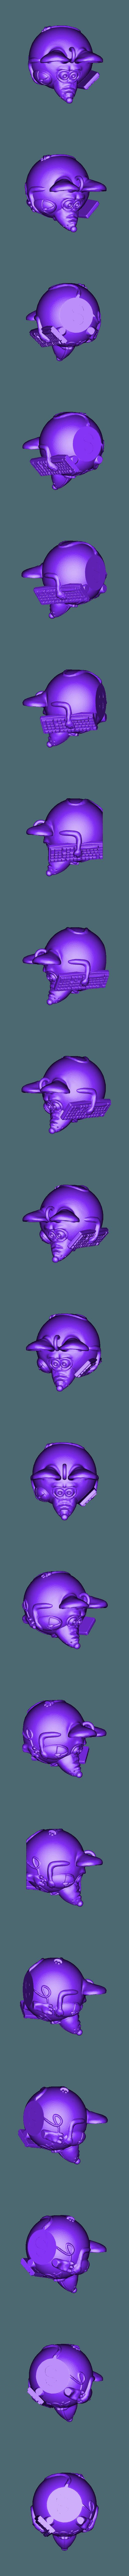 m521.stl Télécharger fichier STL gratuit programmeur de souris • Objet à imprimer en 3D, shuranikishin